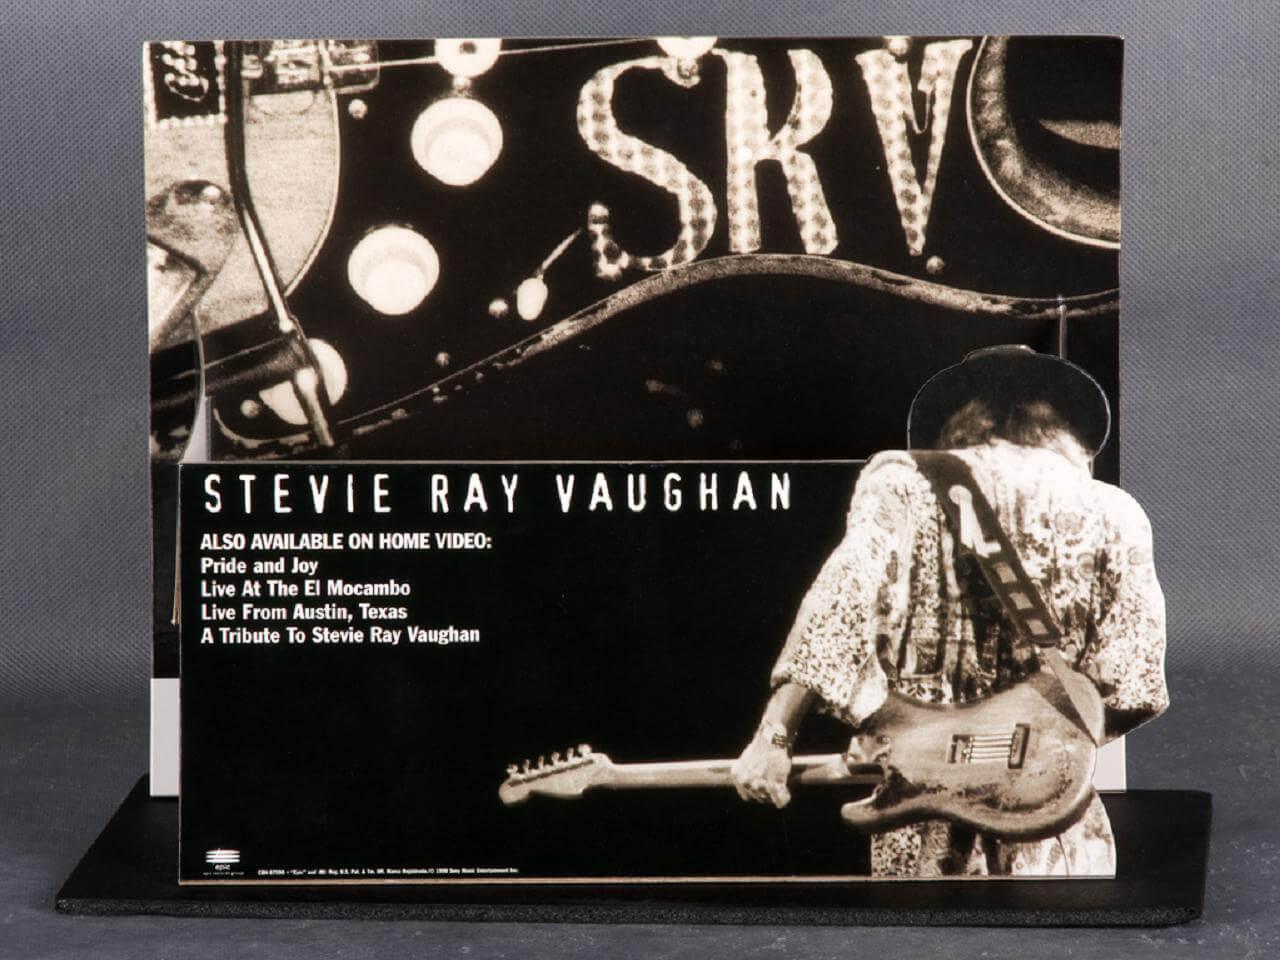 Stevie Ray Vaughan Store Video  Display